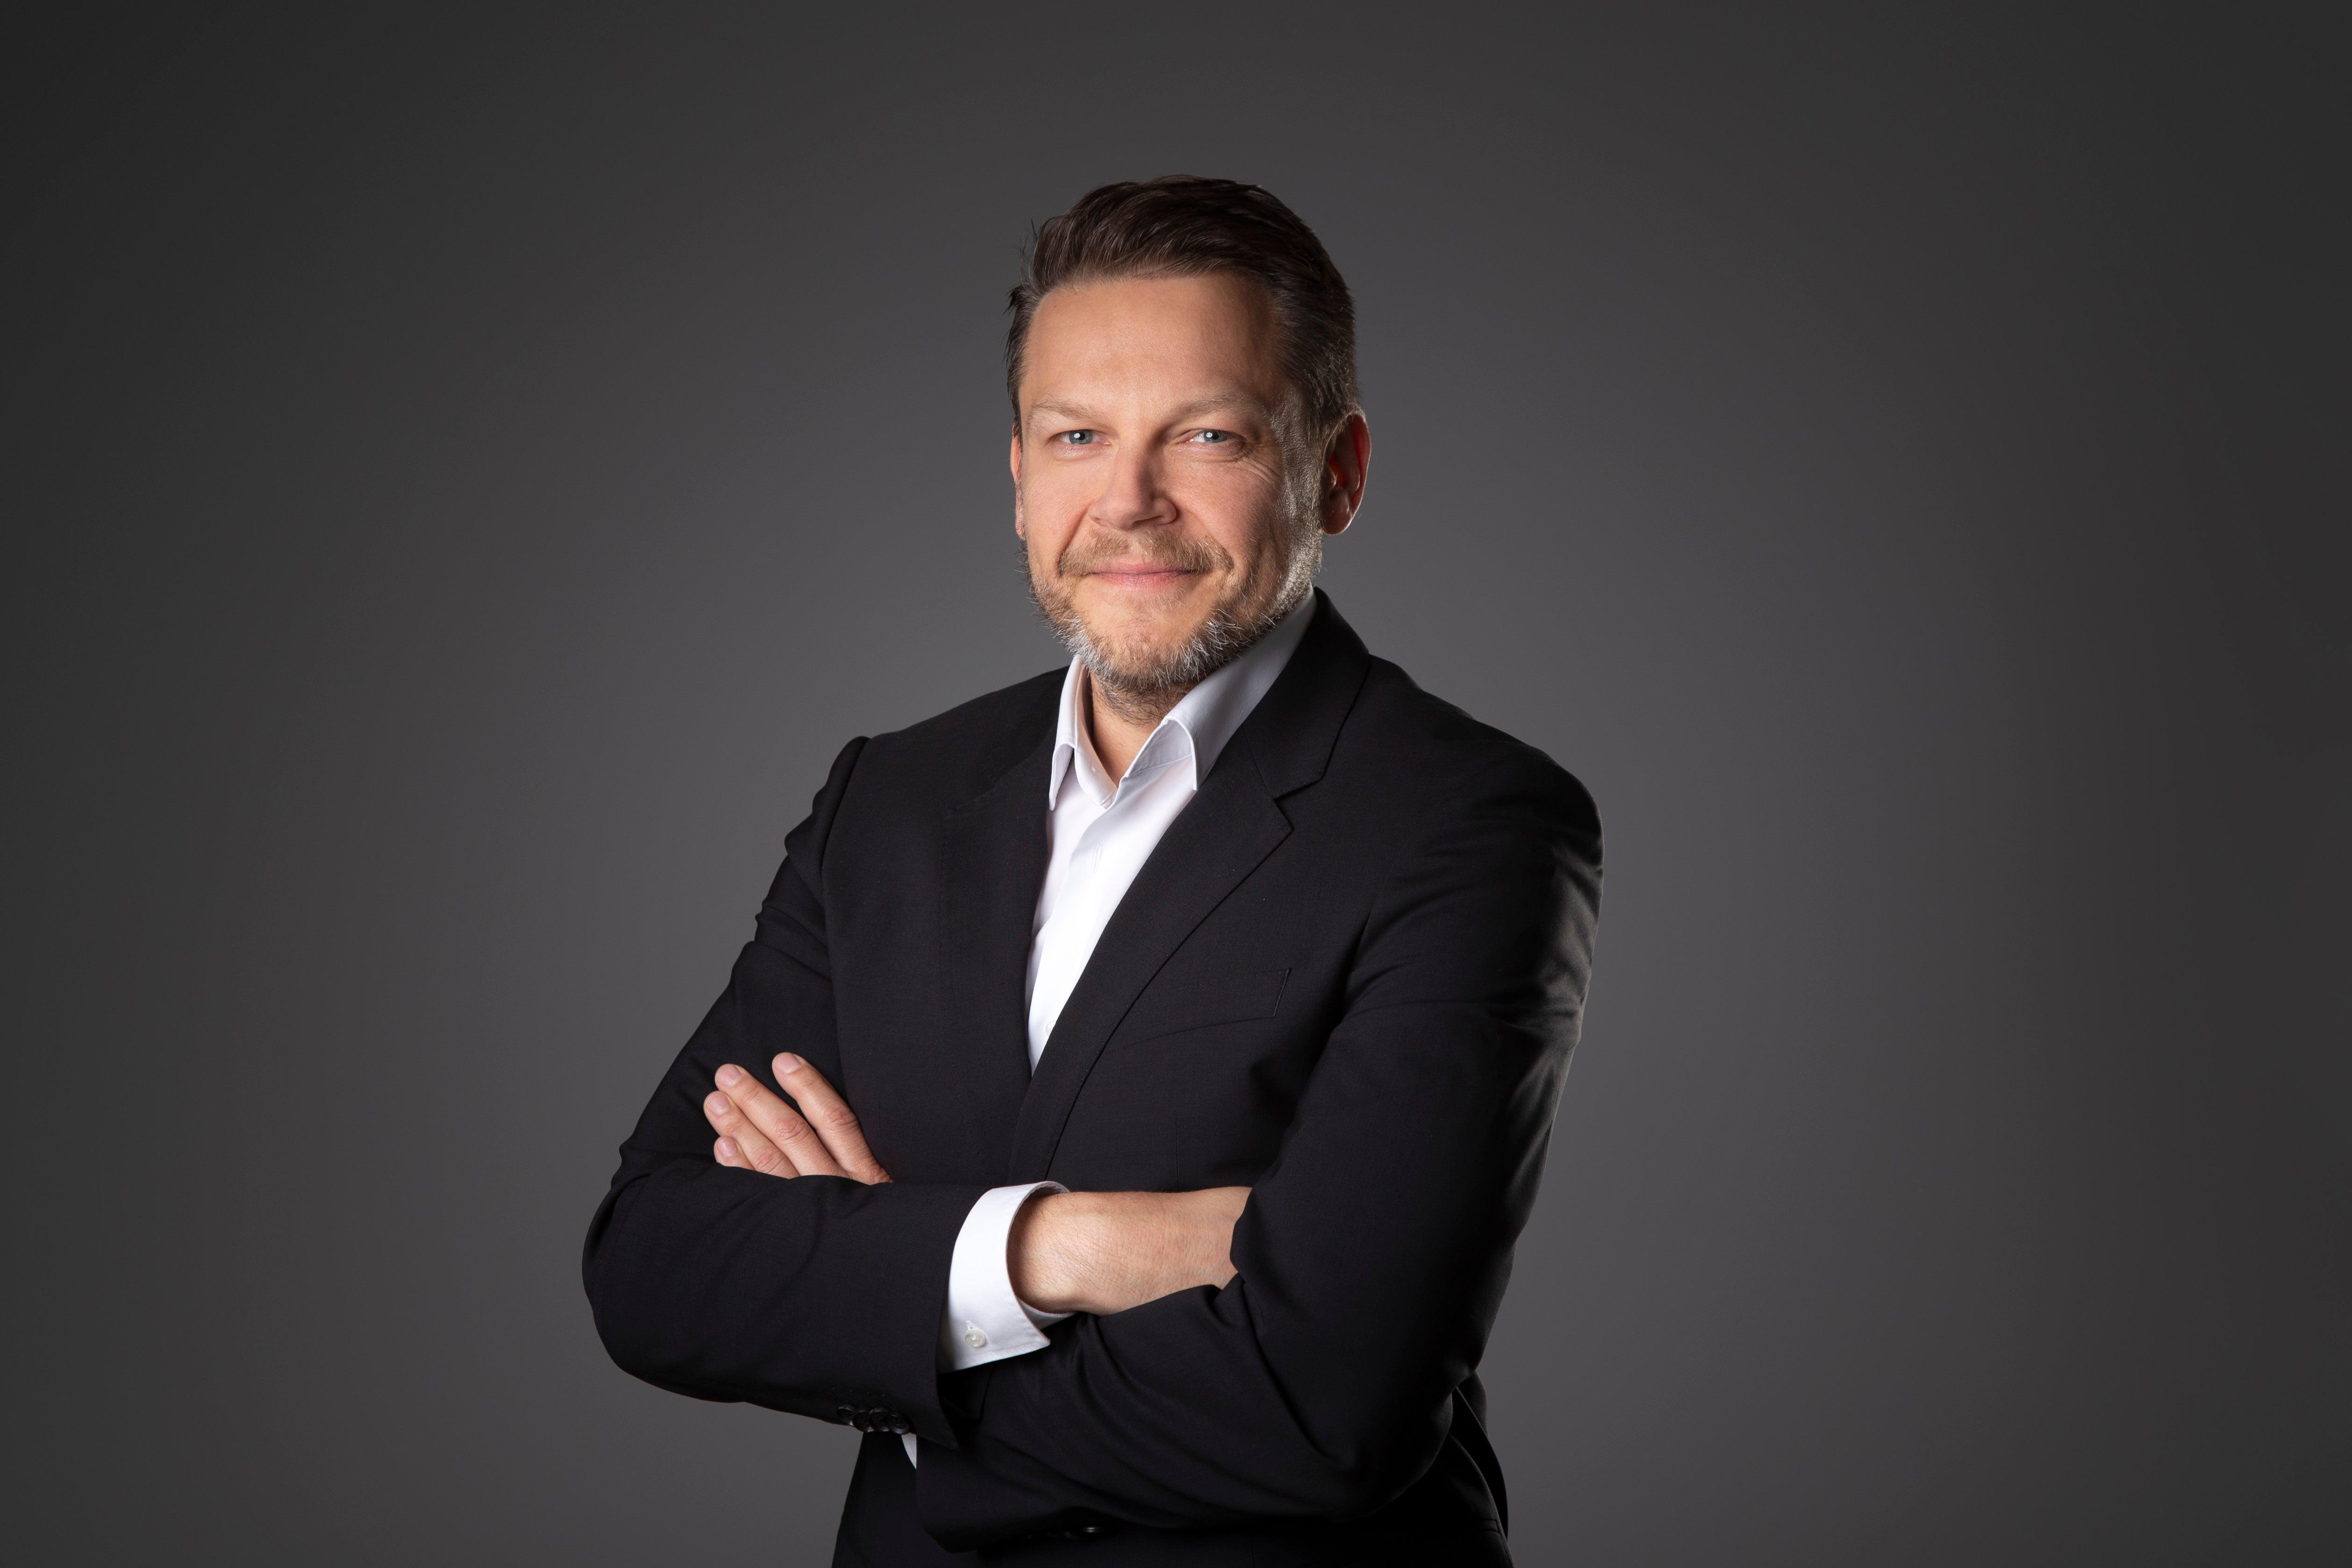 Rafał Wolnomiejski, Chief Commercial Officer, Dentsu Aegis Network Polska